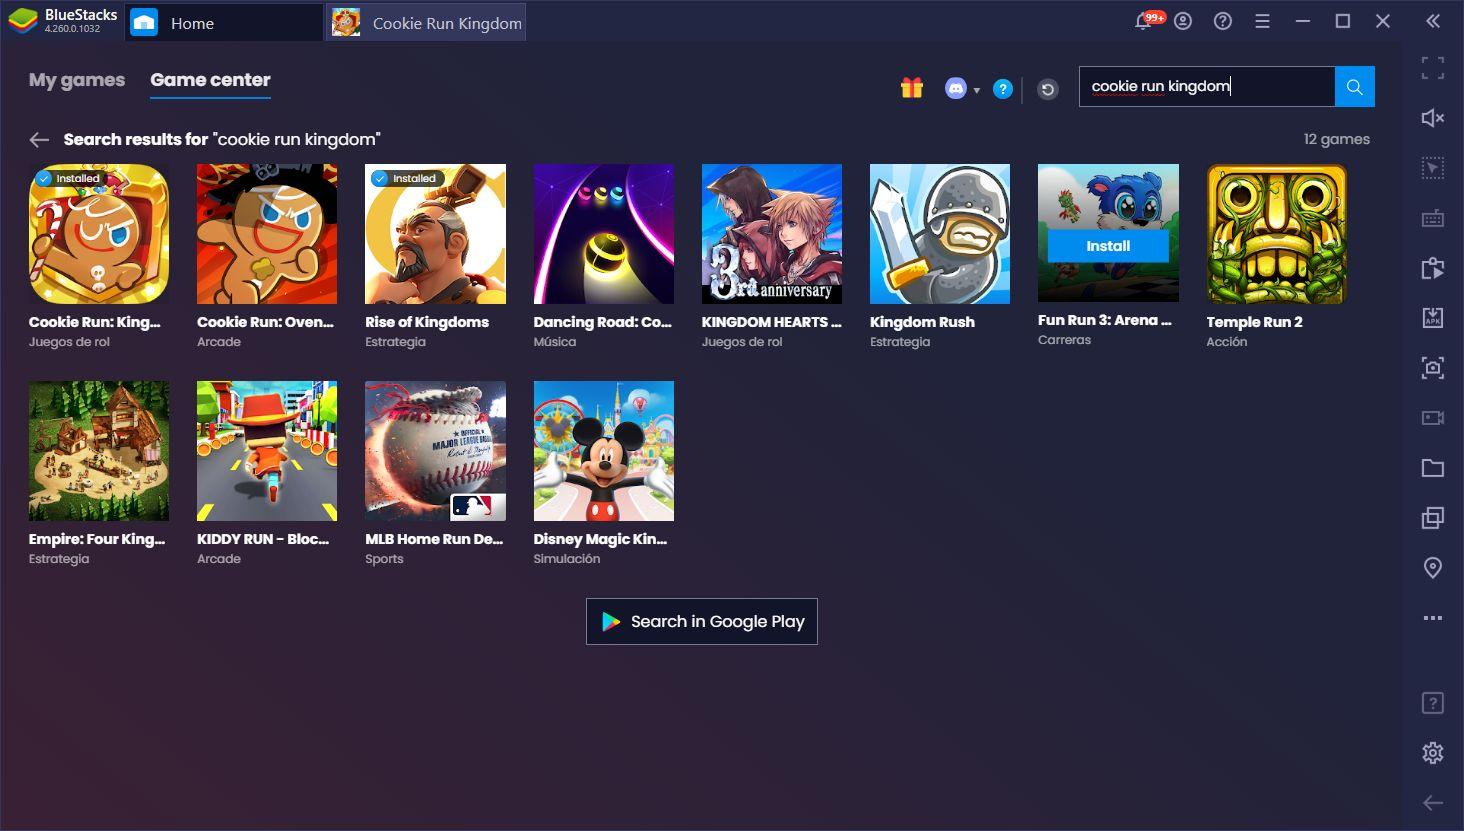 Cookie Run: Kingdom على جهاز الكمبيوتر – كيف تلعب هذه اللعبة المحمولة الجديدة على جهاز الكمبيوتر باستخدام BlueStacks